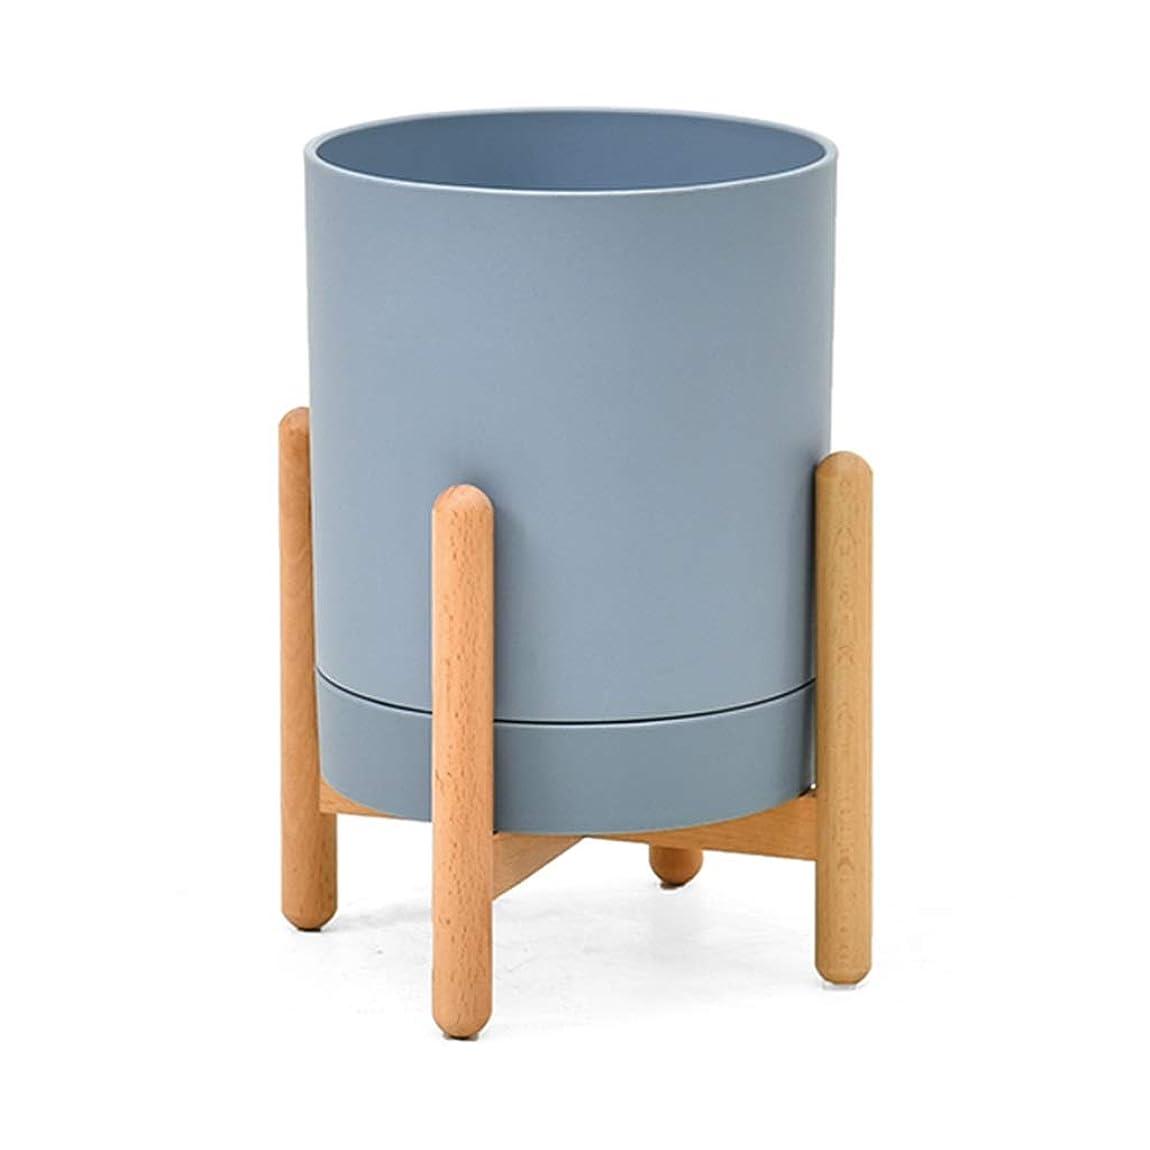 パリティ制裁ディスカウント木製テーブルトップ植物スタンドミニ植木鉢ホルダー多肉植物サボテン小さな植物ホームオフィスデスク装飾 (Color : Blue)